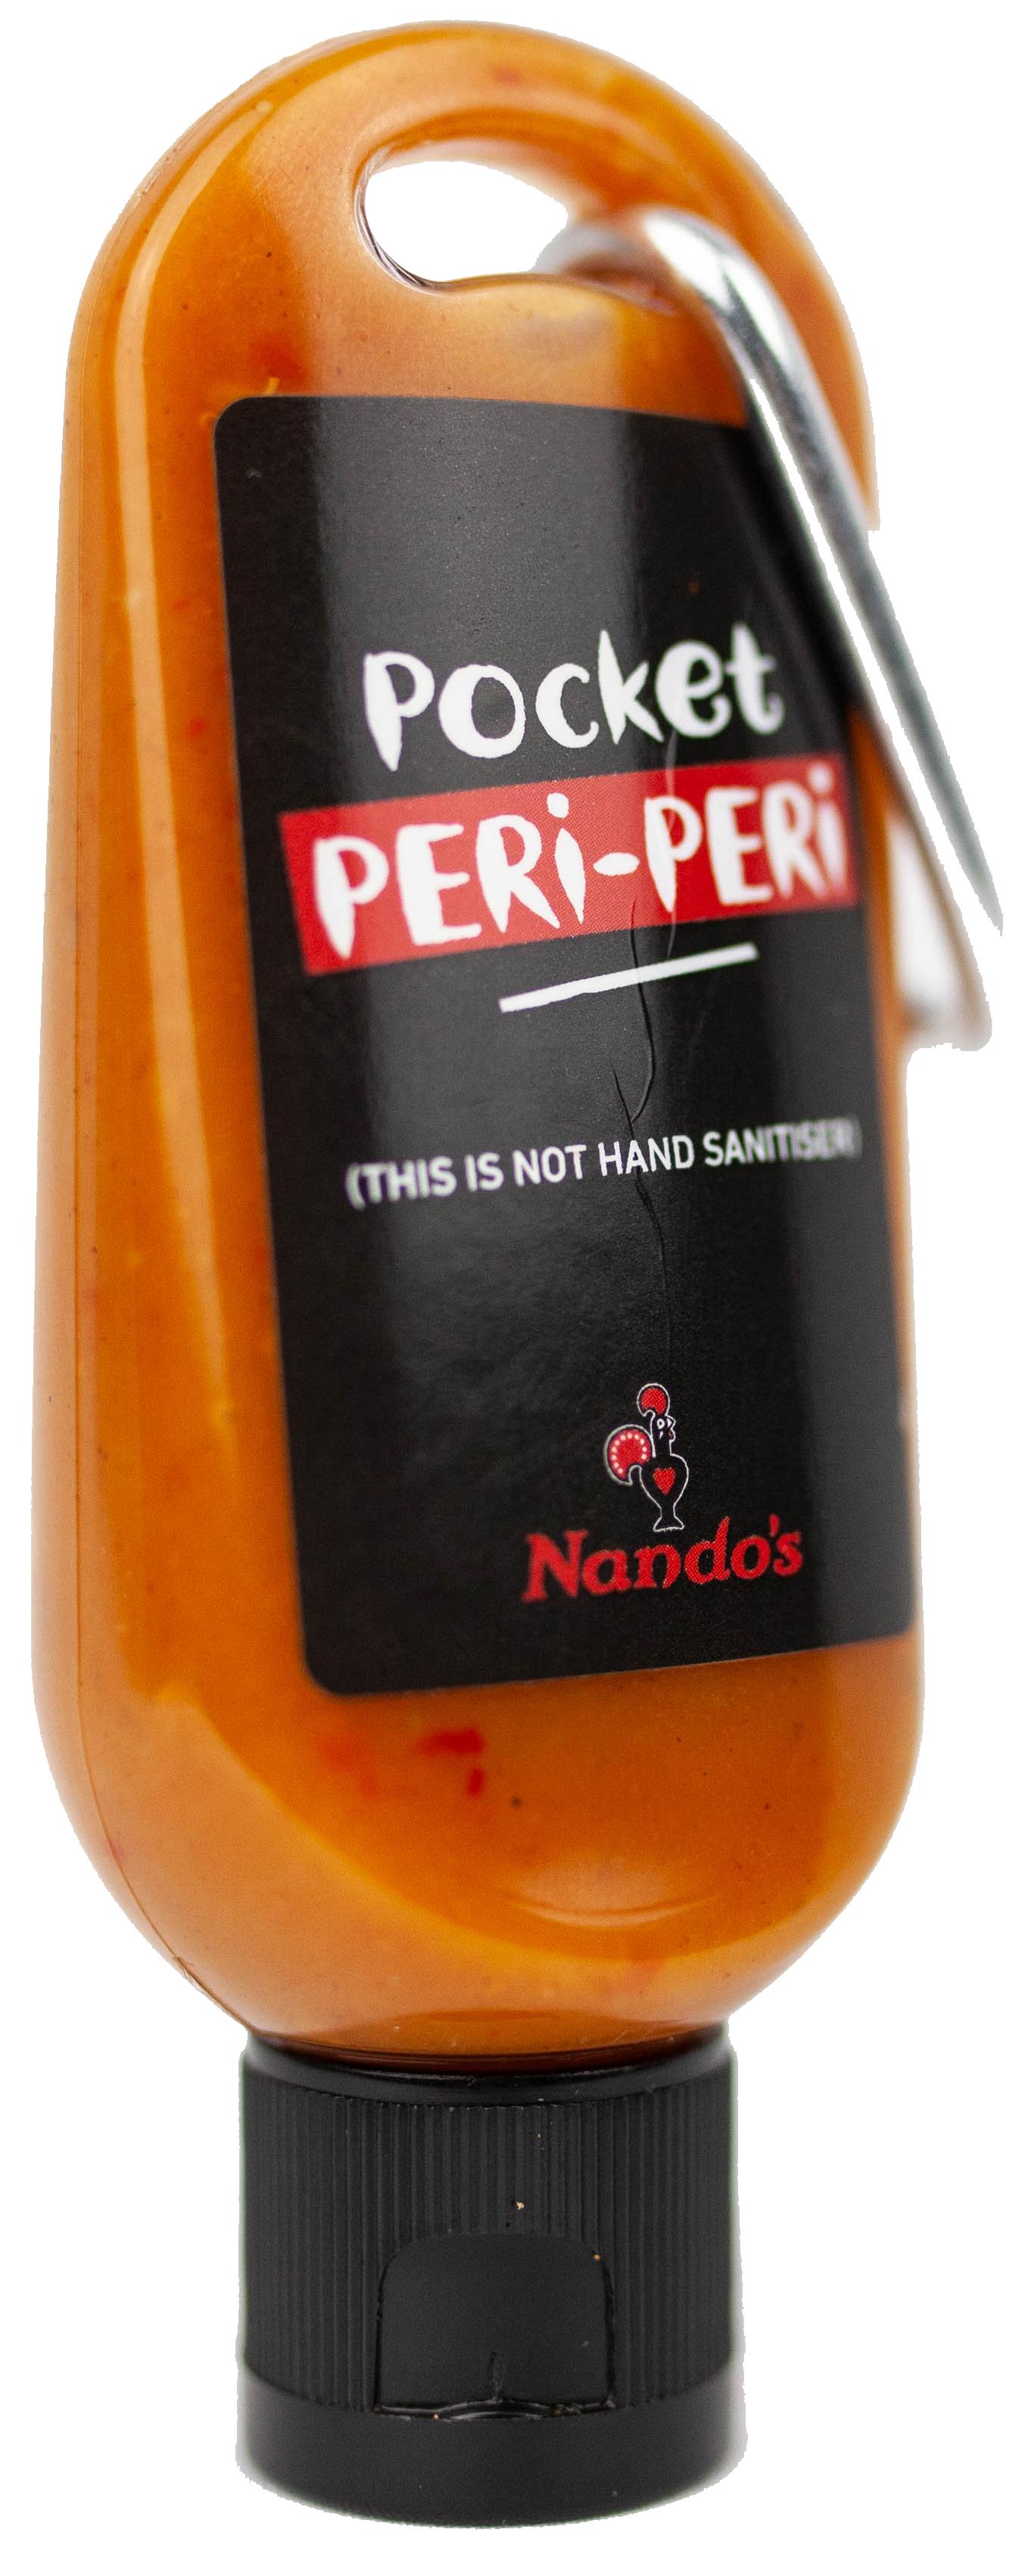 Free Nandos Pocket Peri-Peri for Students @ Nando's Yard